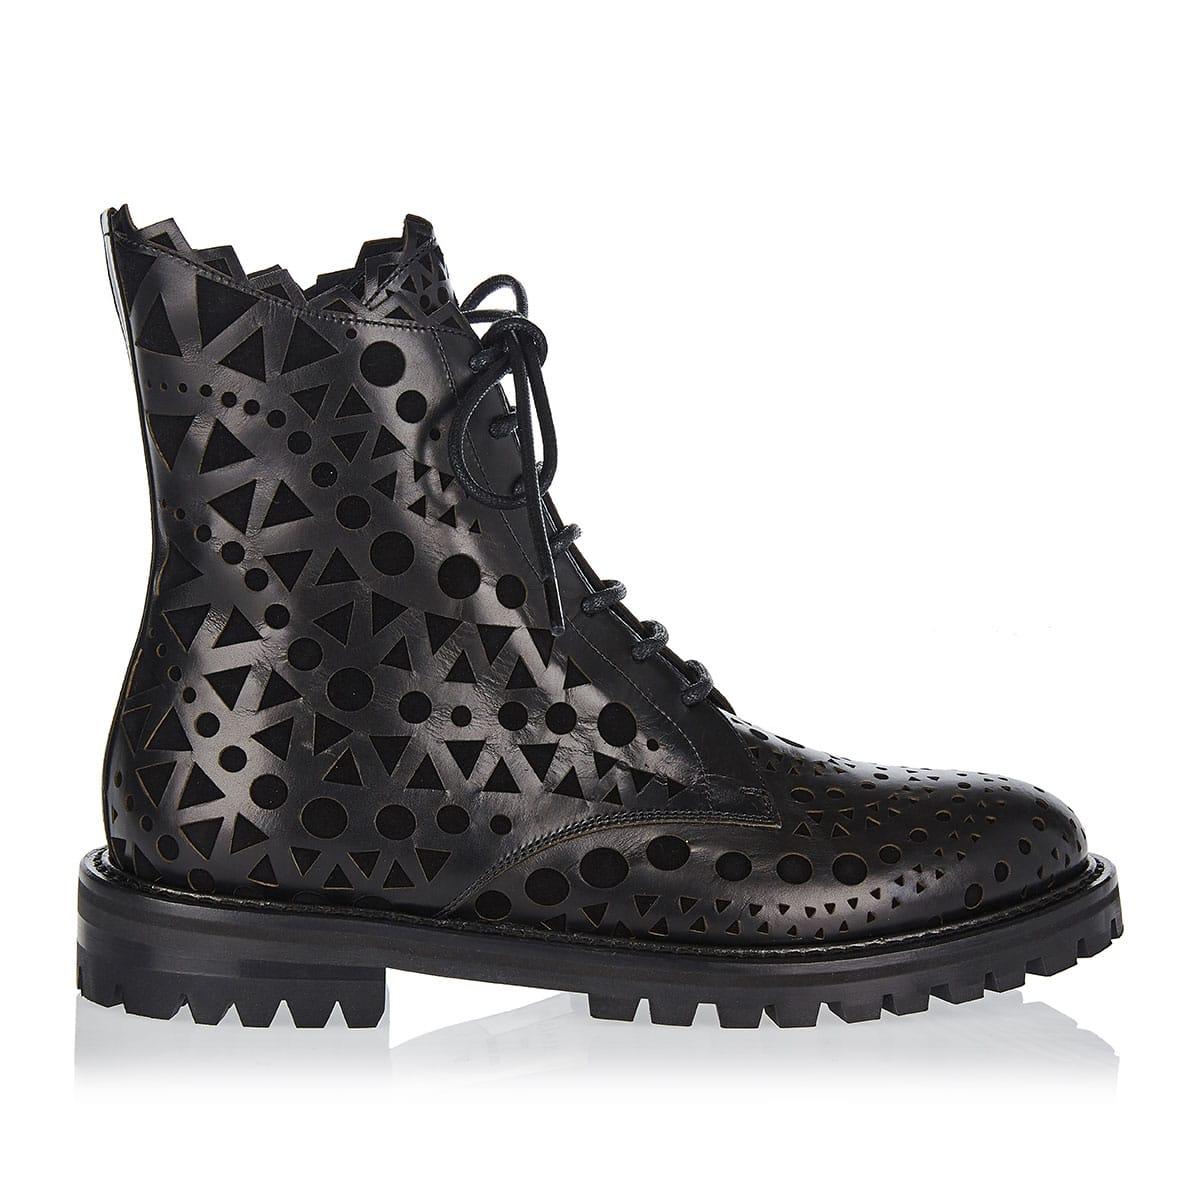 Laser-cut leather combat boots